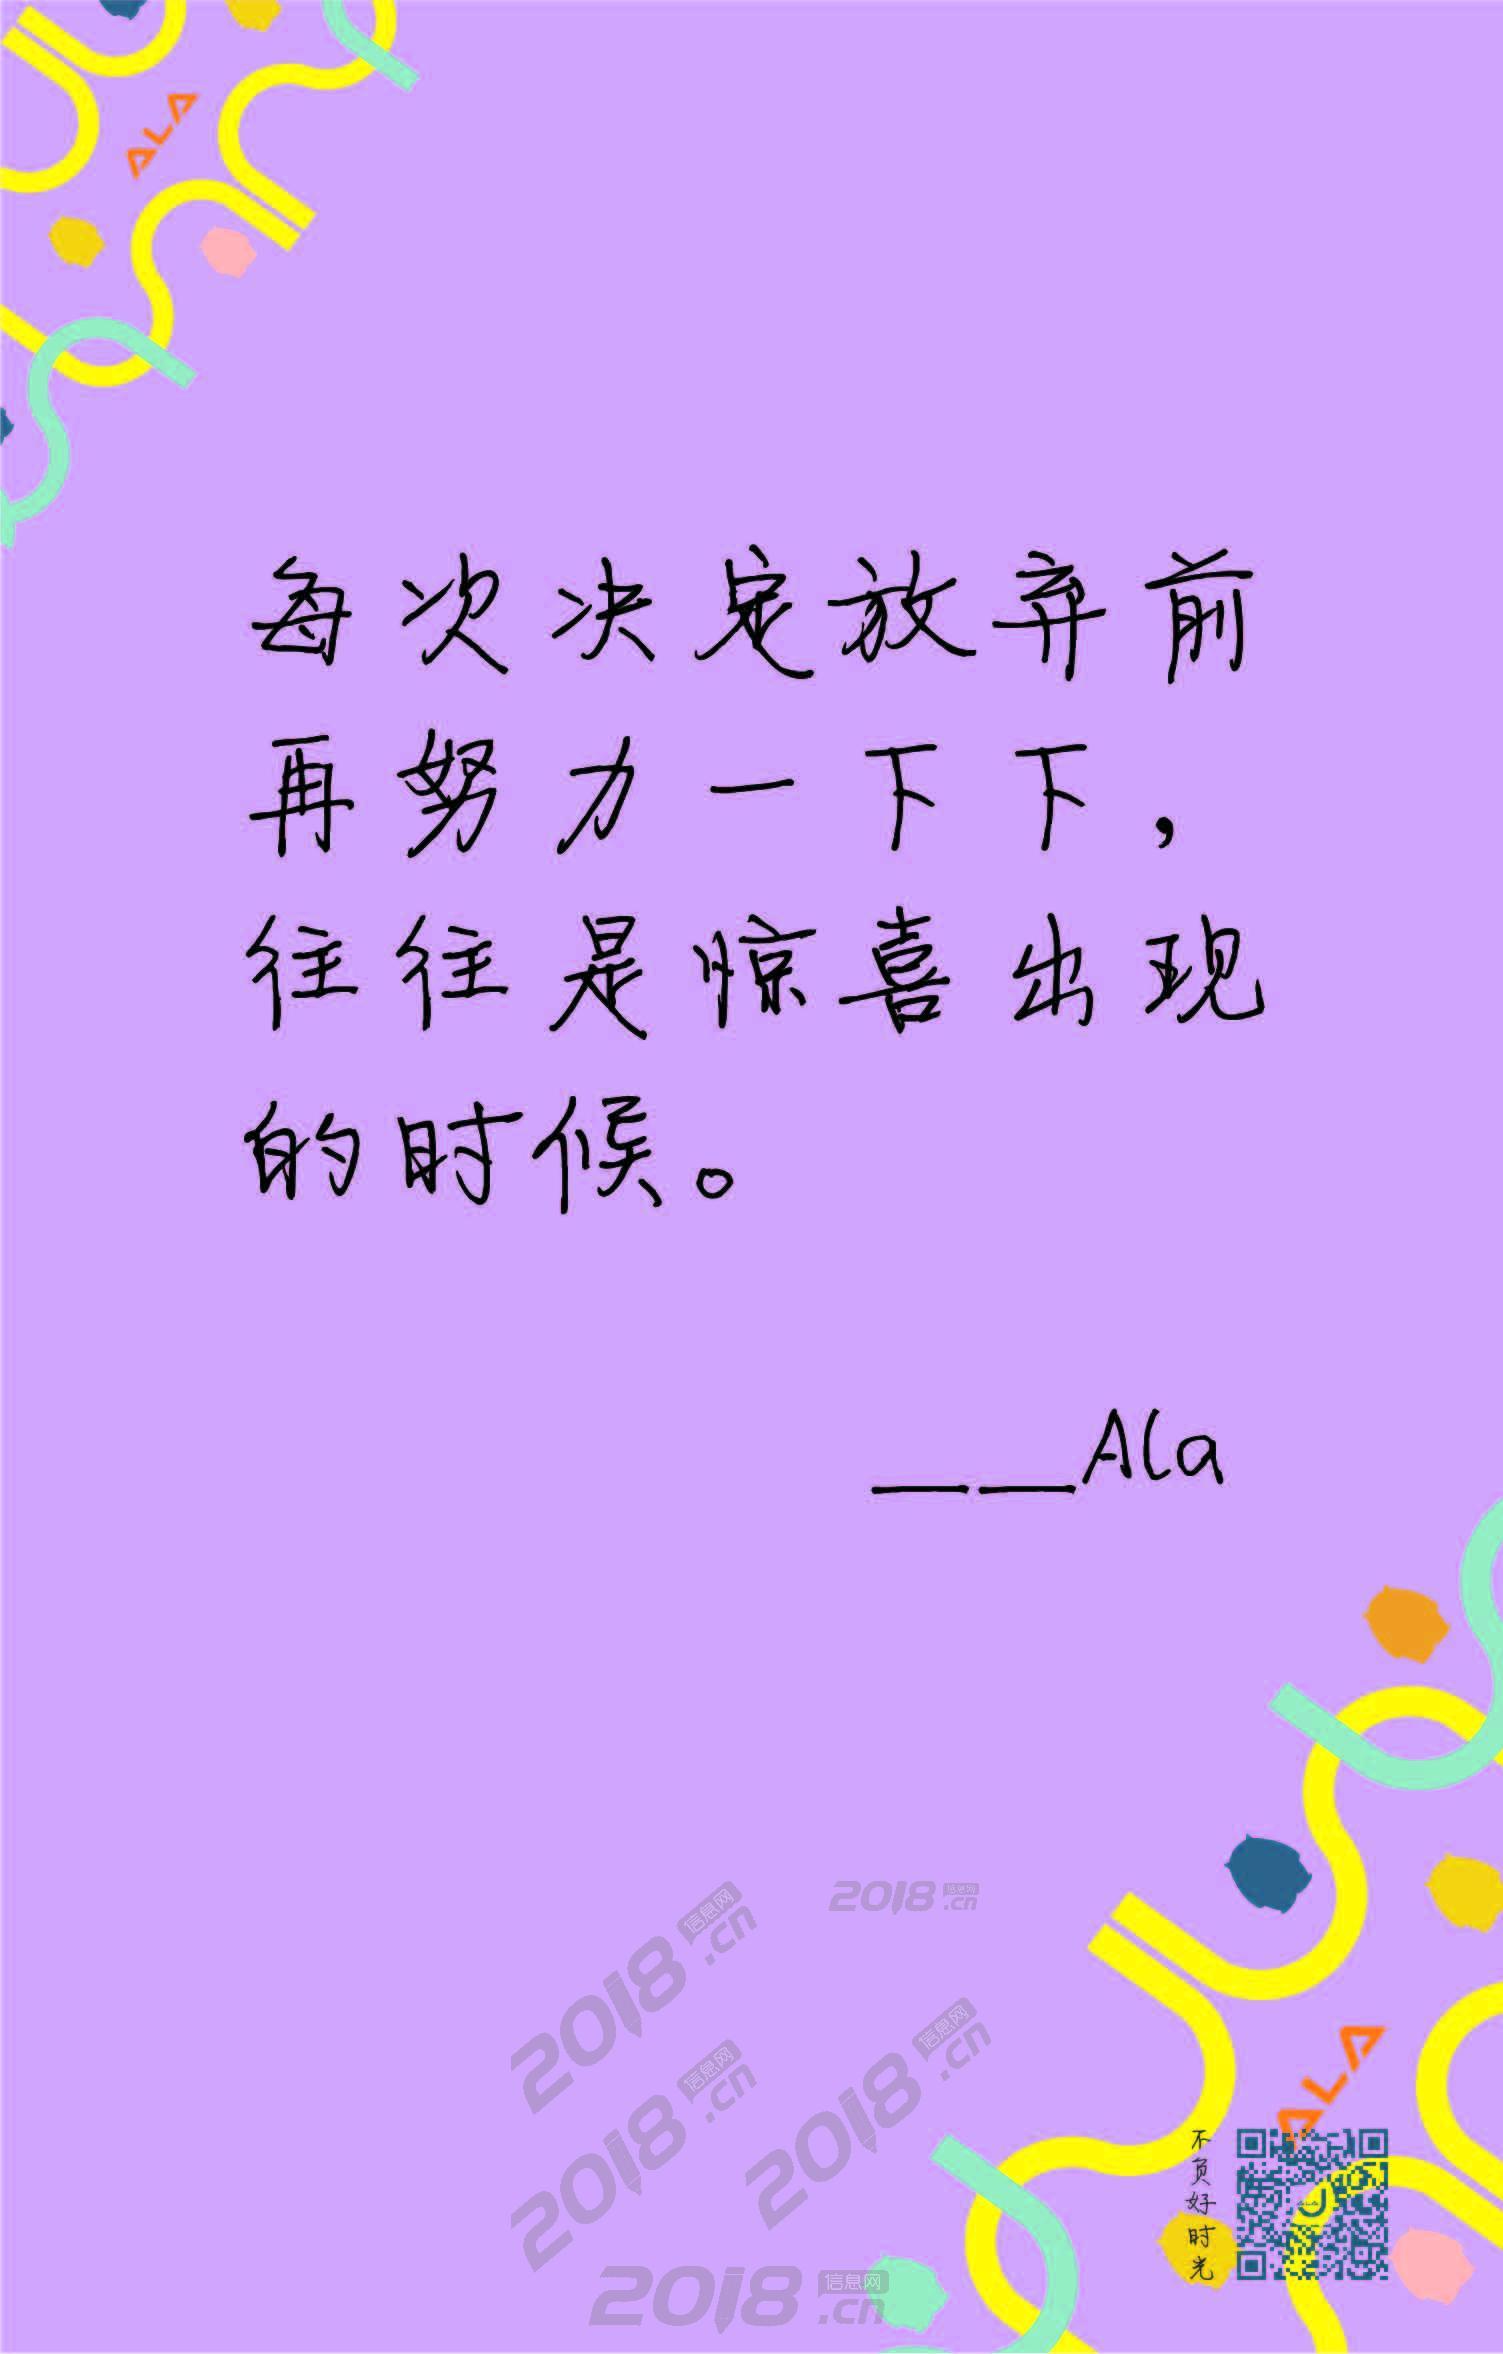 深圳阿拉卓盈酒店全张家界地区加盟推广